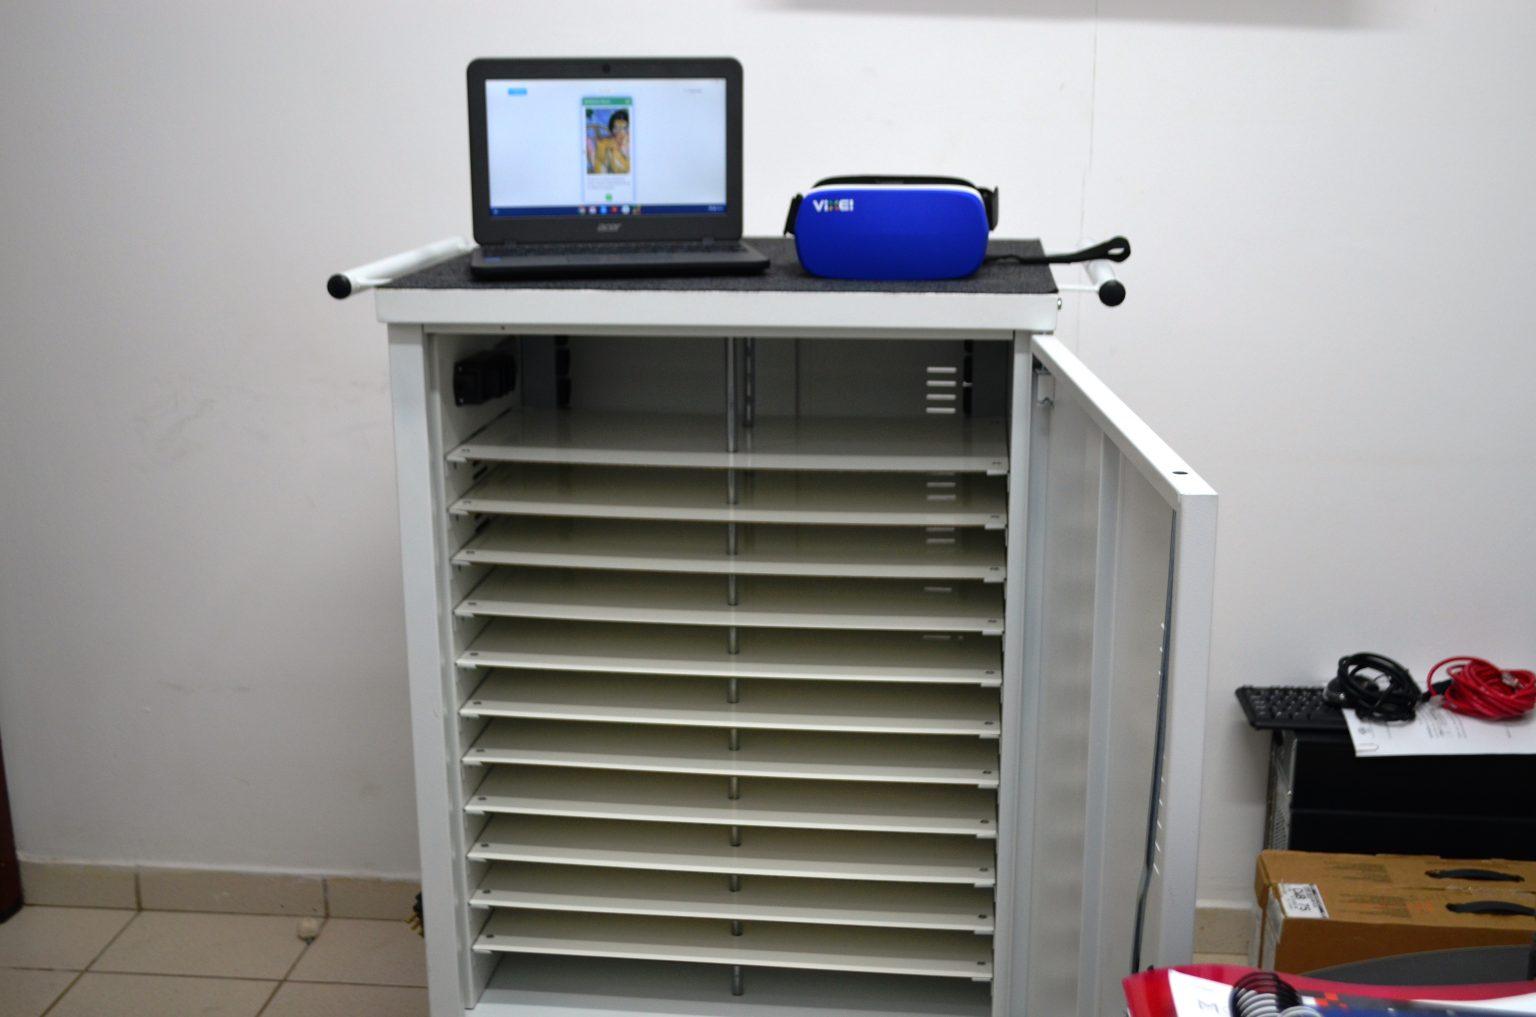 Carinho que acomoda e transporta os equipamentos de multimídia, chromebook e óculos de realidade virtual Foto: Clícia Araújo/Ascom SEE